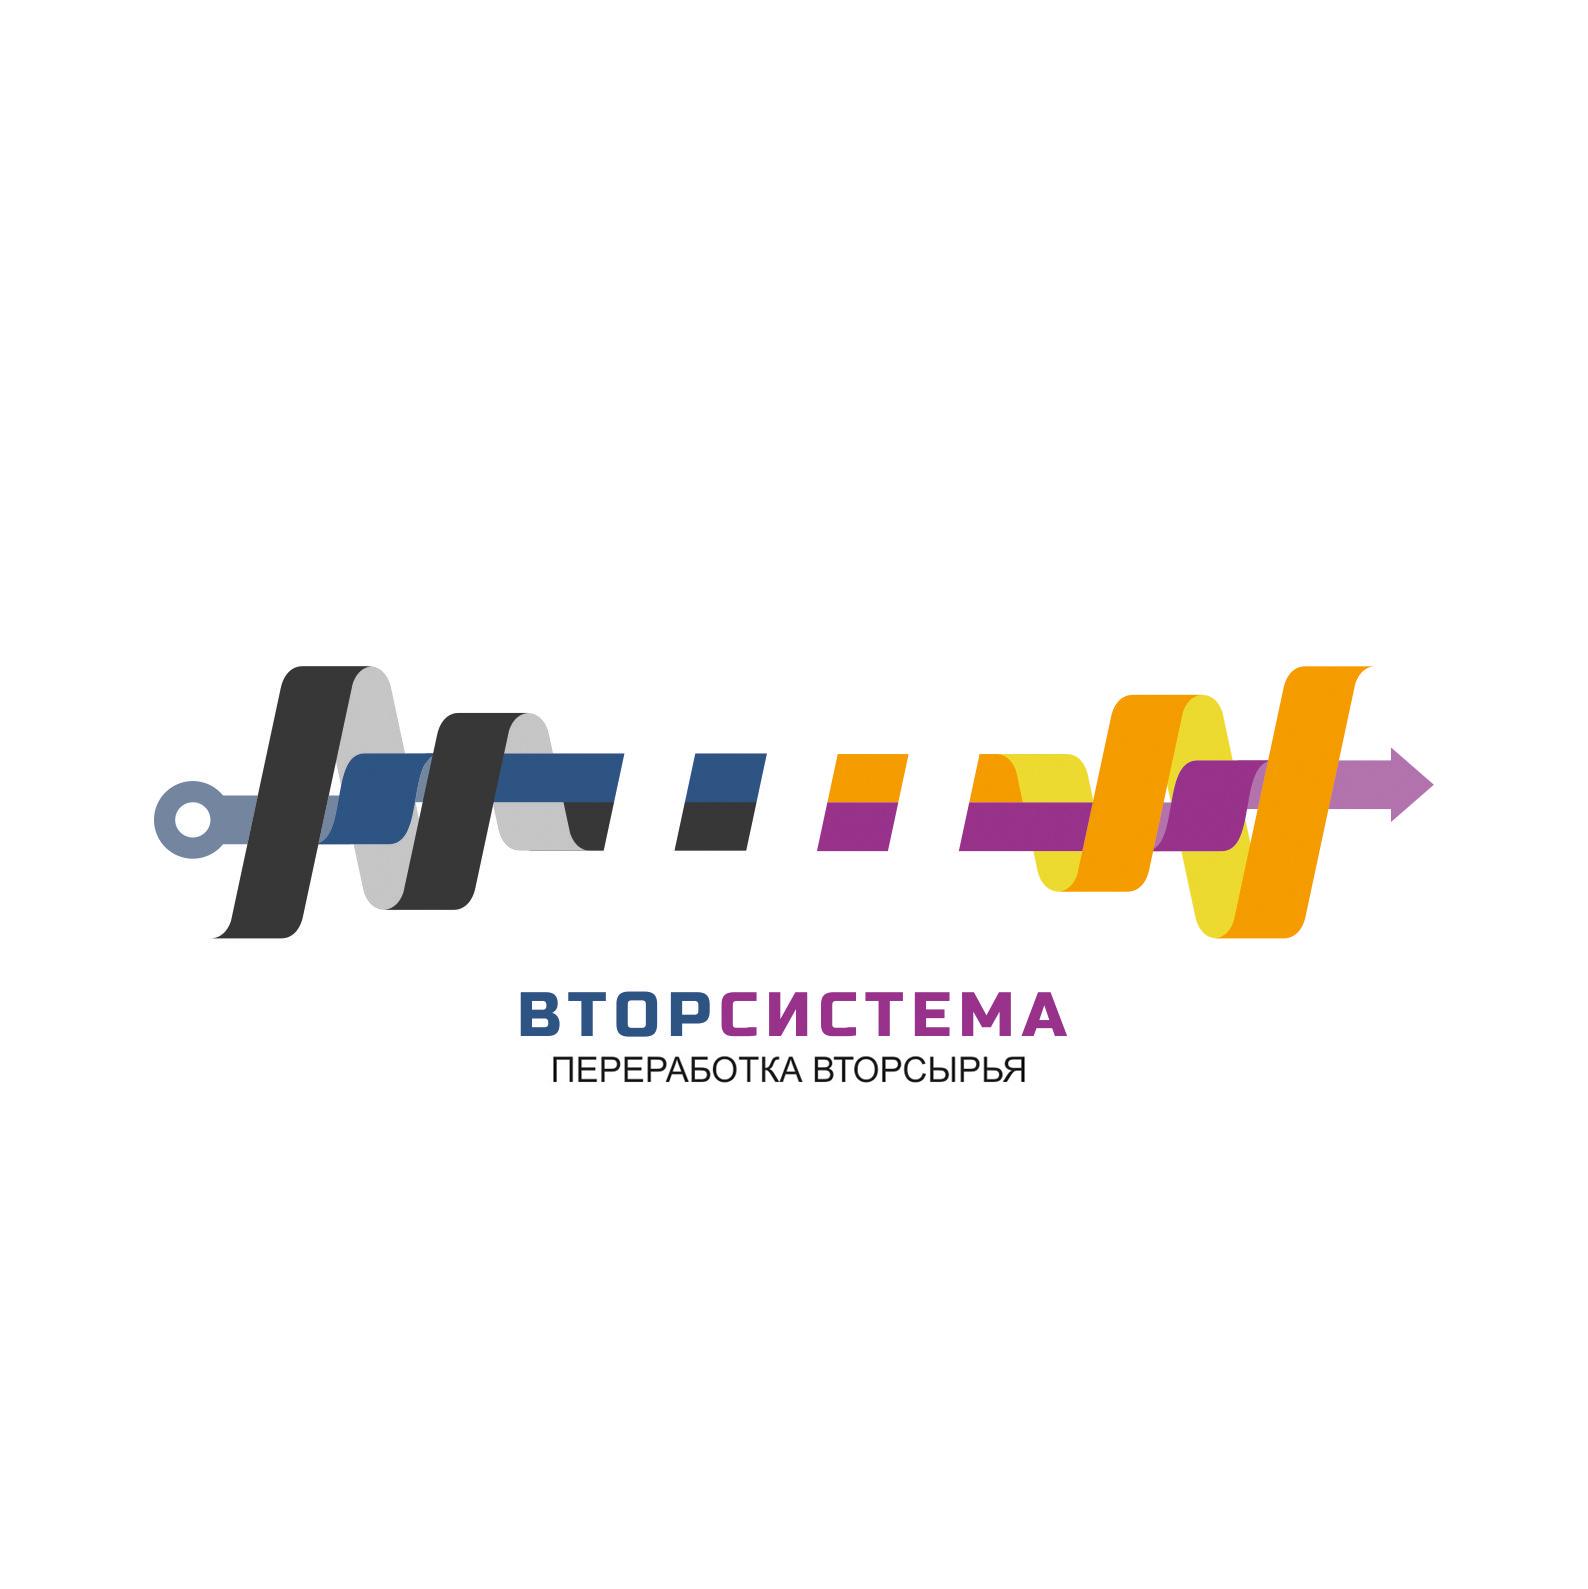 Нужно разработать логотип и дизайн визитки фото f_0185550ae69a6cba.jpg